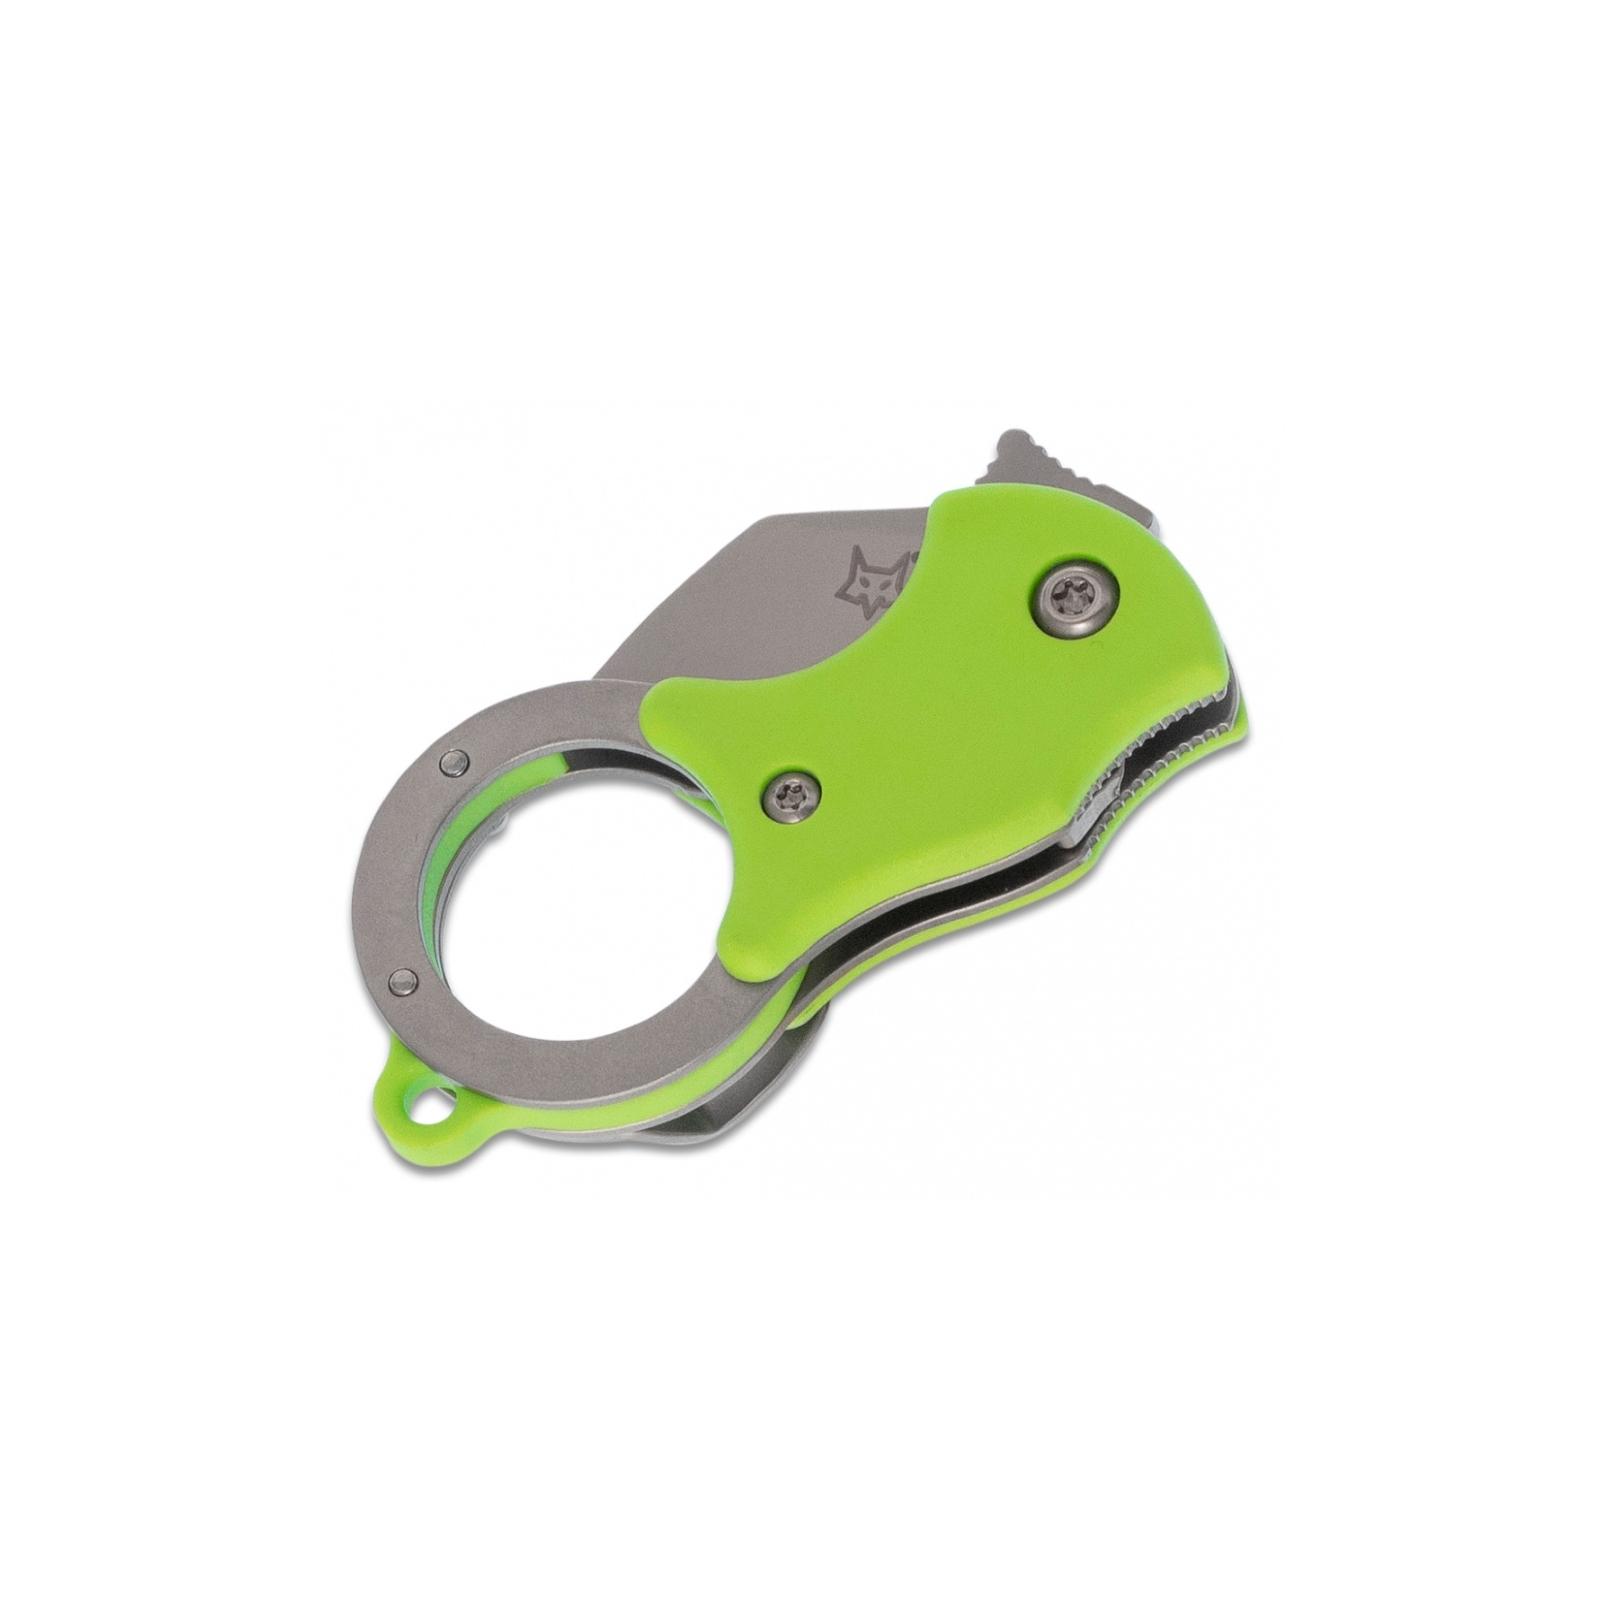 Нож Fox Mini-TA Olive Green (FX-536OD) изображение 2